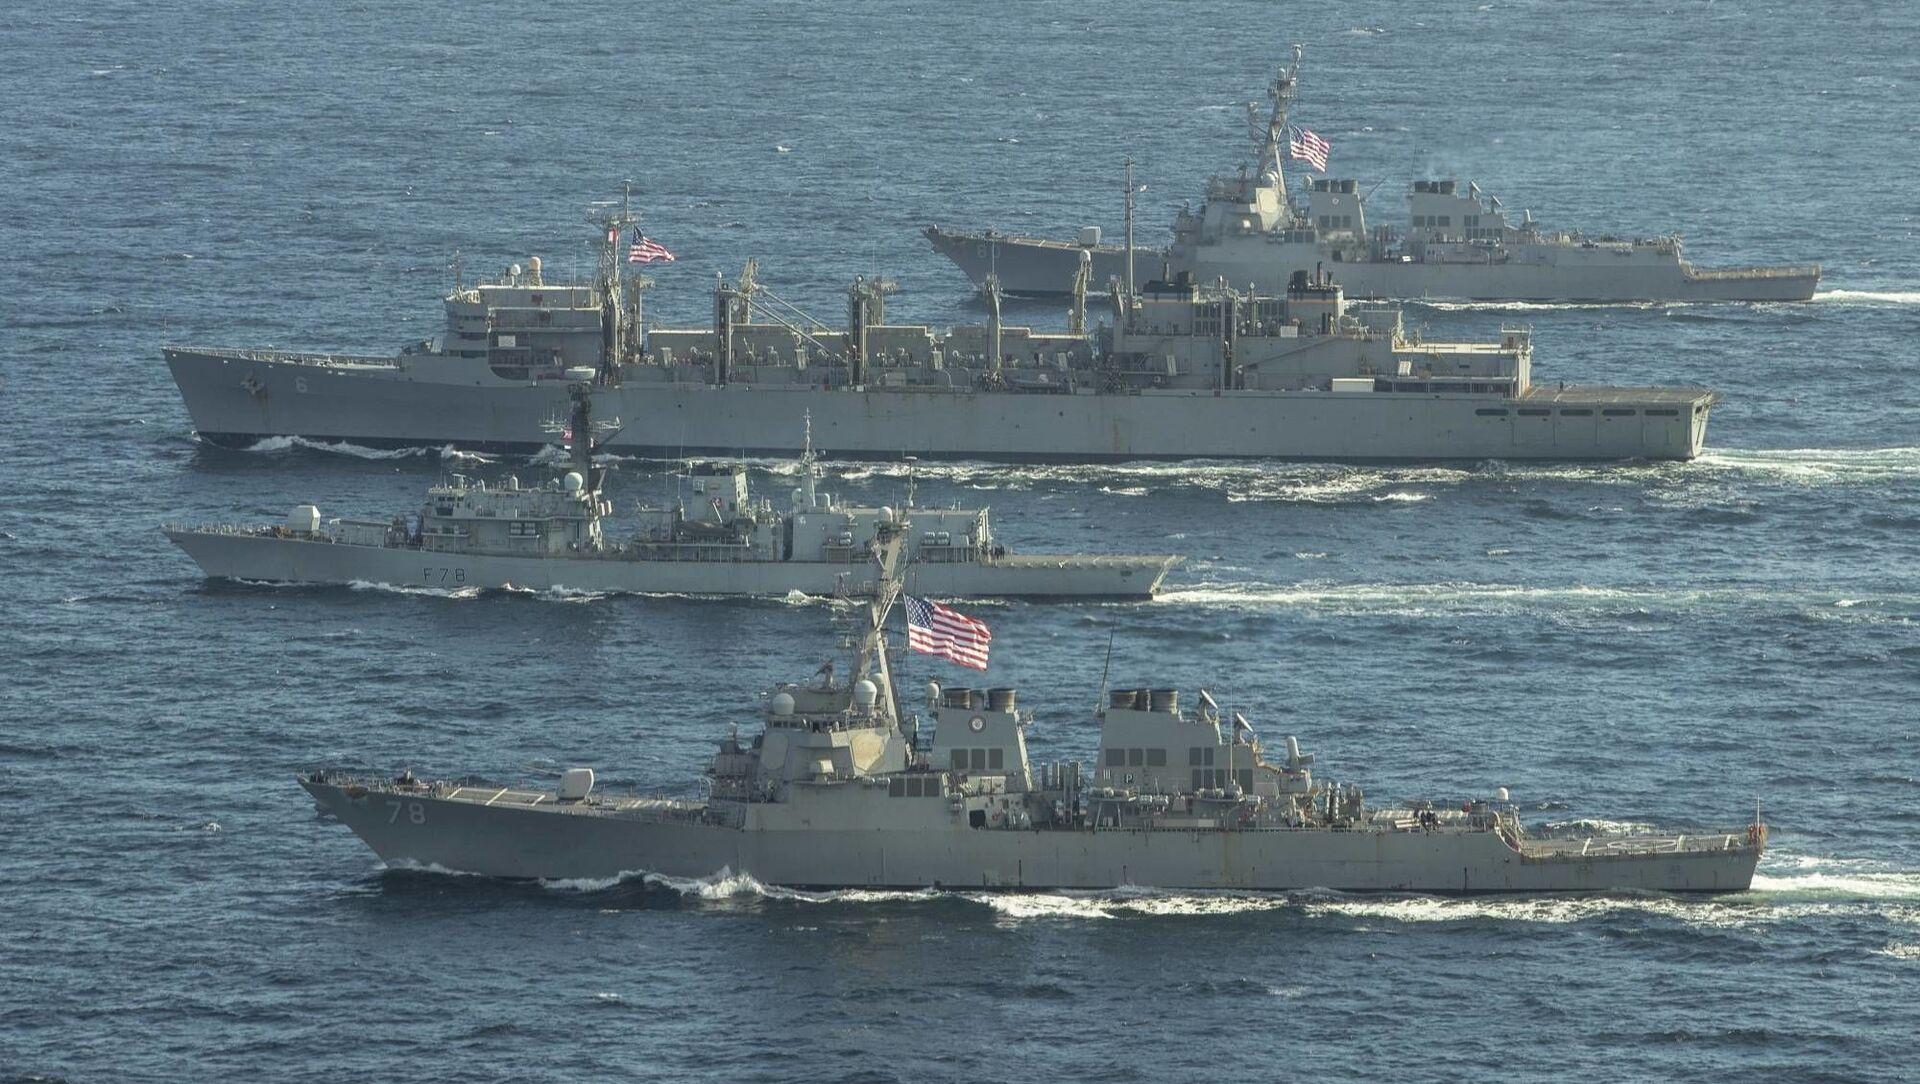 Các tàu khu trục Porter, Donald Cook và Franklin Roosevelt của Hải quân Mỹ và khinh hạm Kent của Anh. - Sputnik Việt Nam, 1920, 02.06.2021